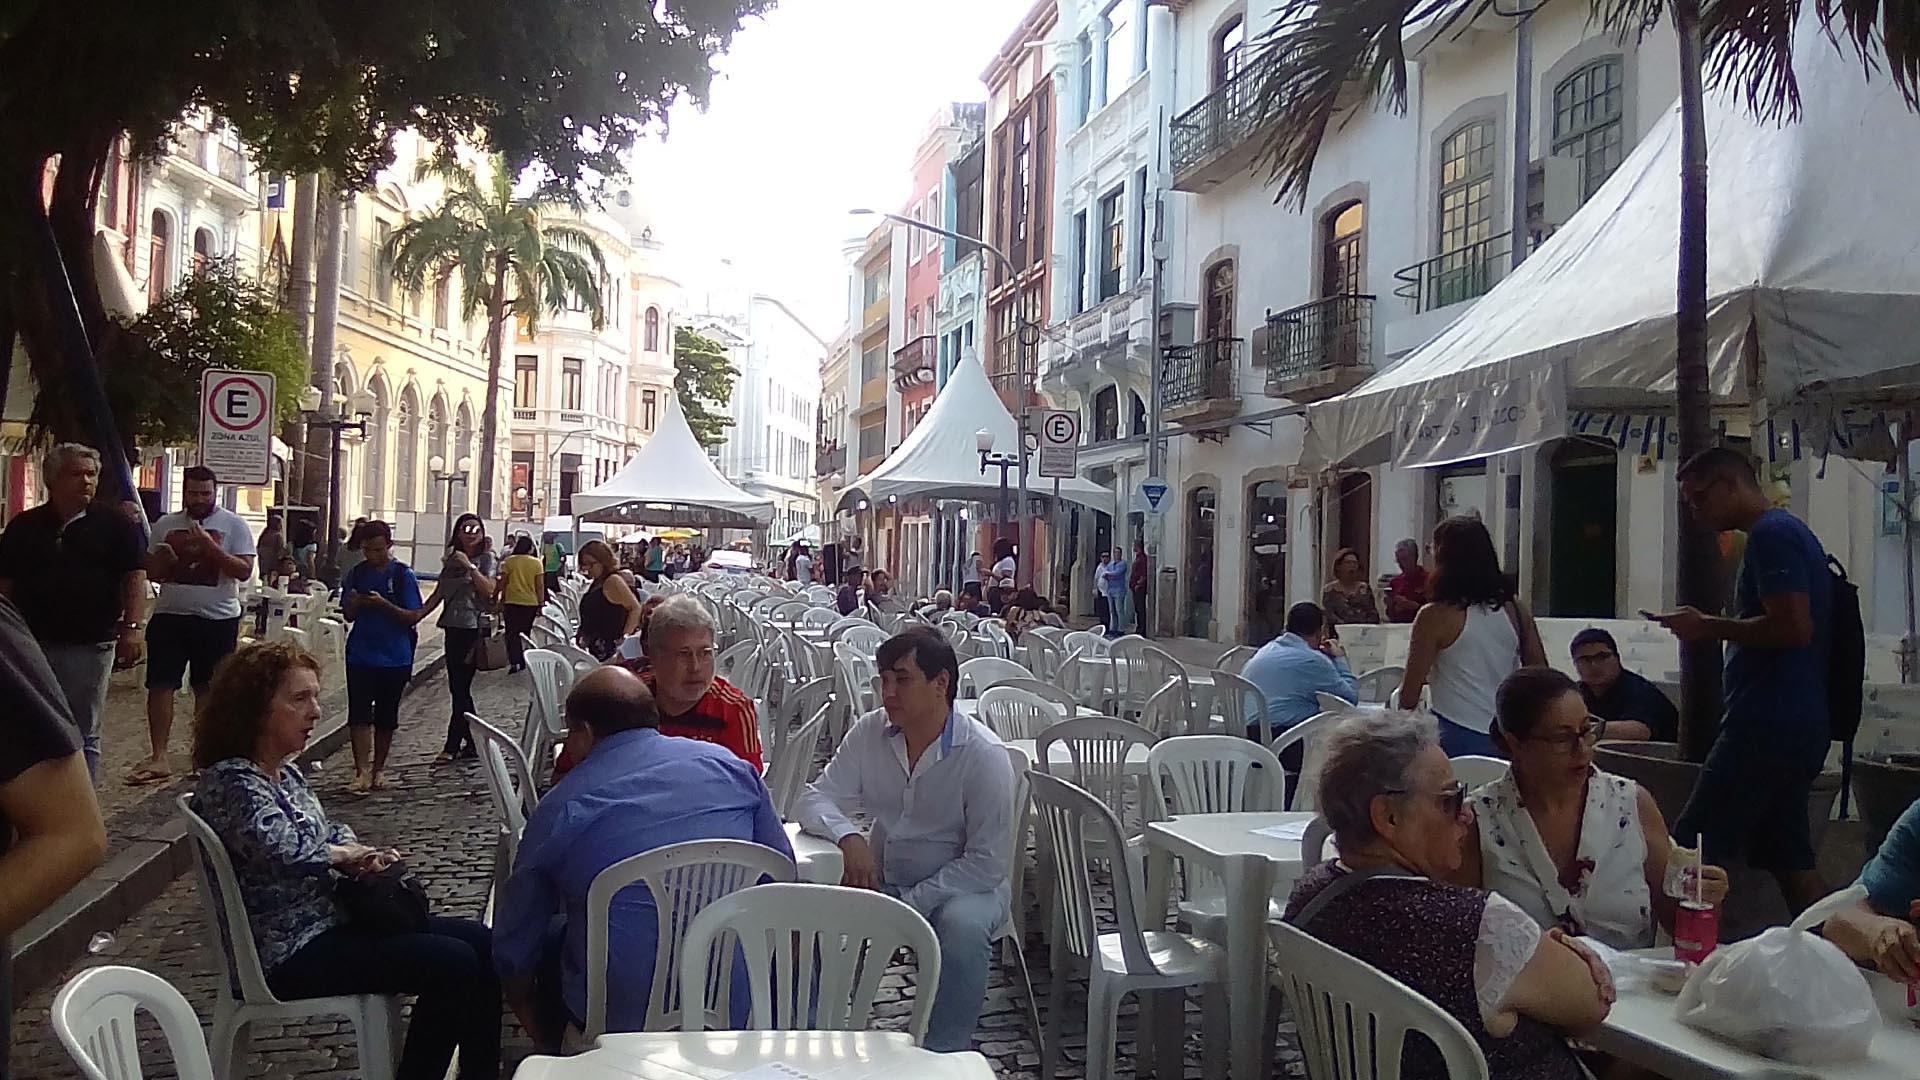 Festival De Cultura Judaica No Recife Noticias De Israel Cafetorah